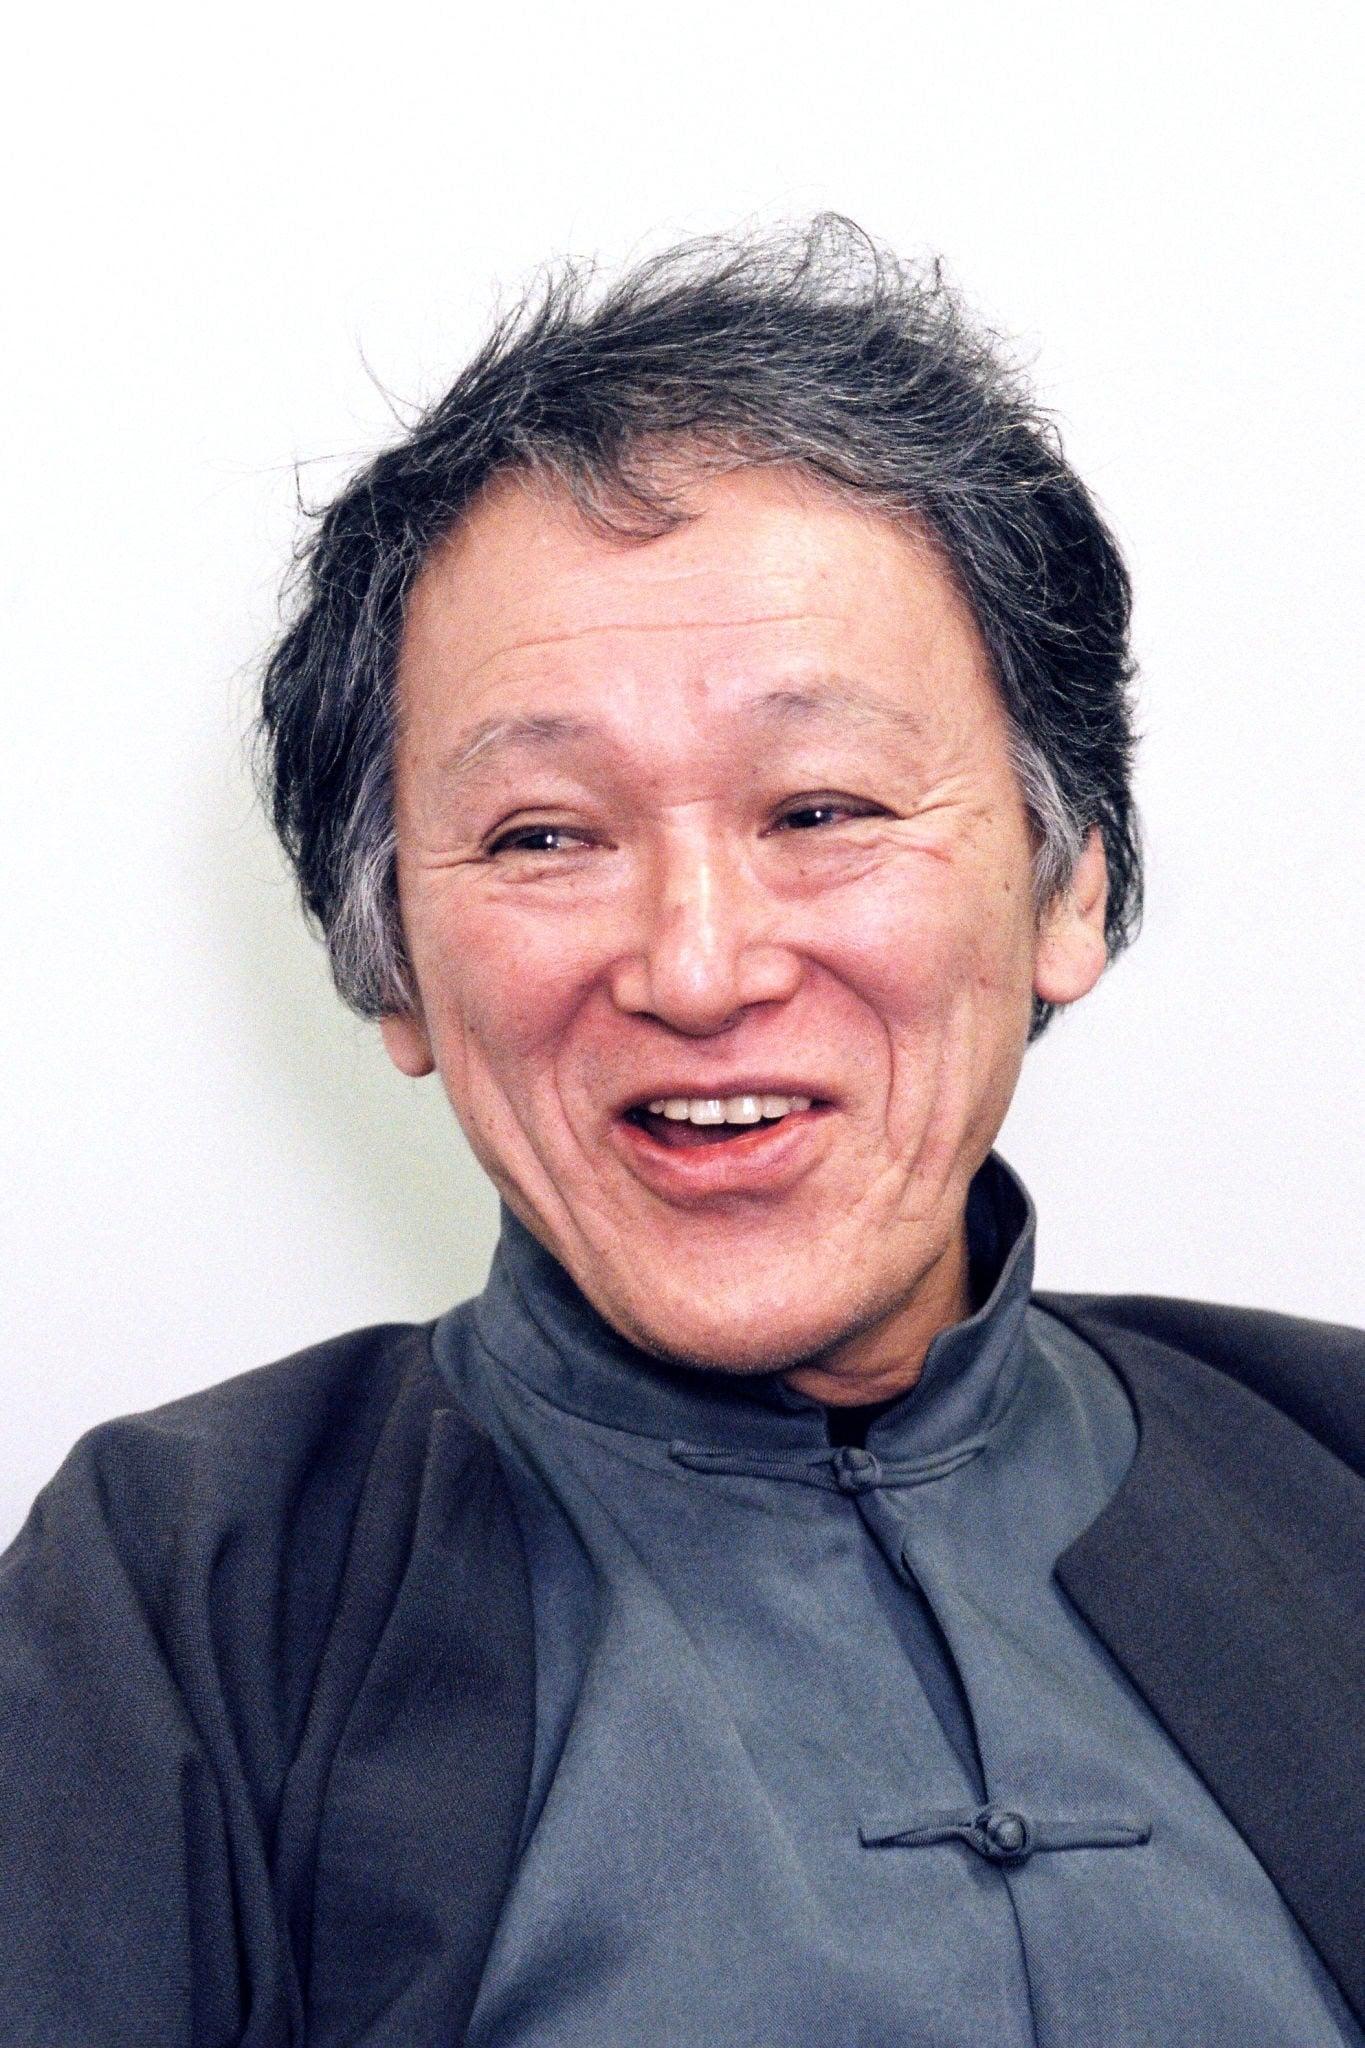 Juzo Itami